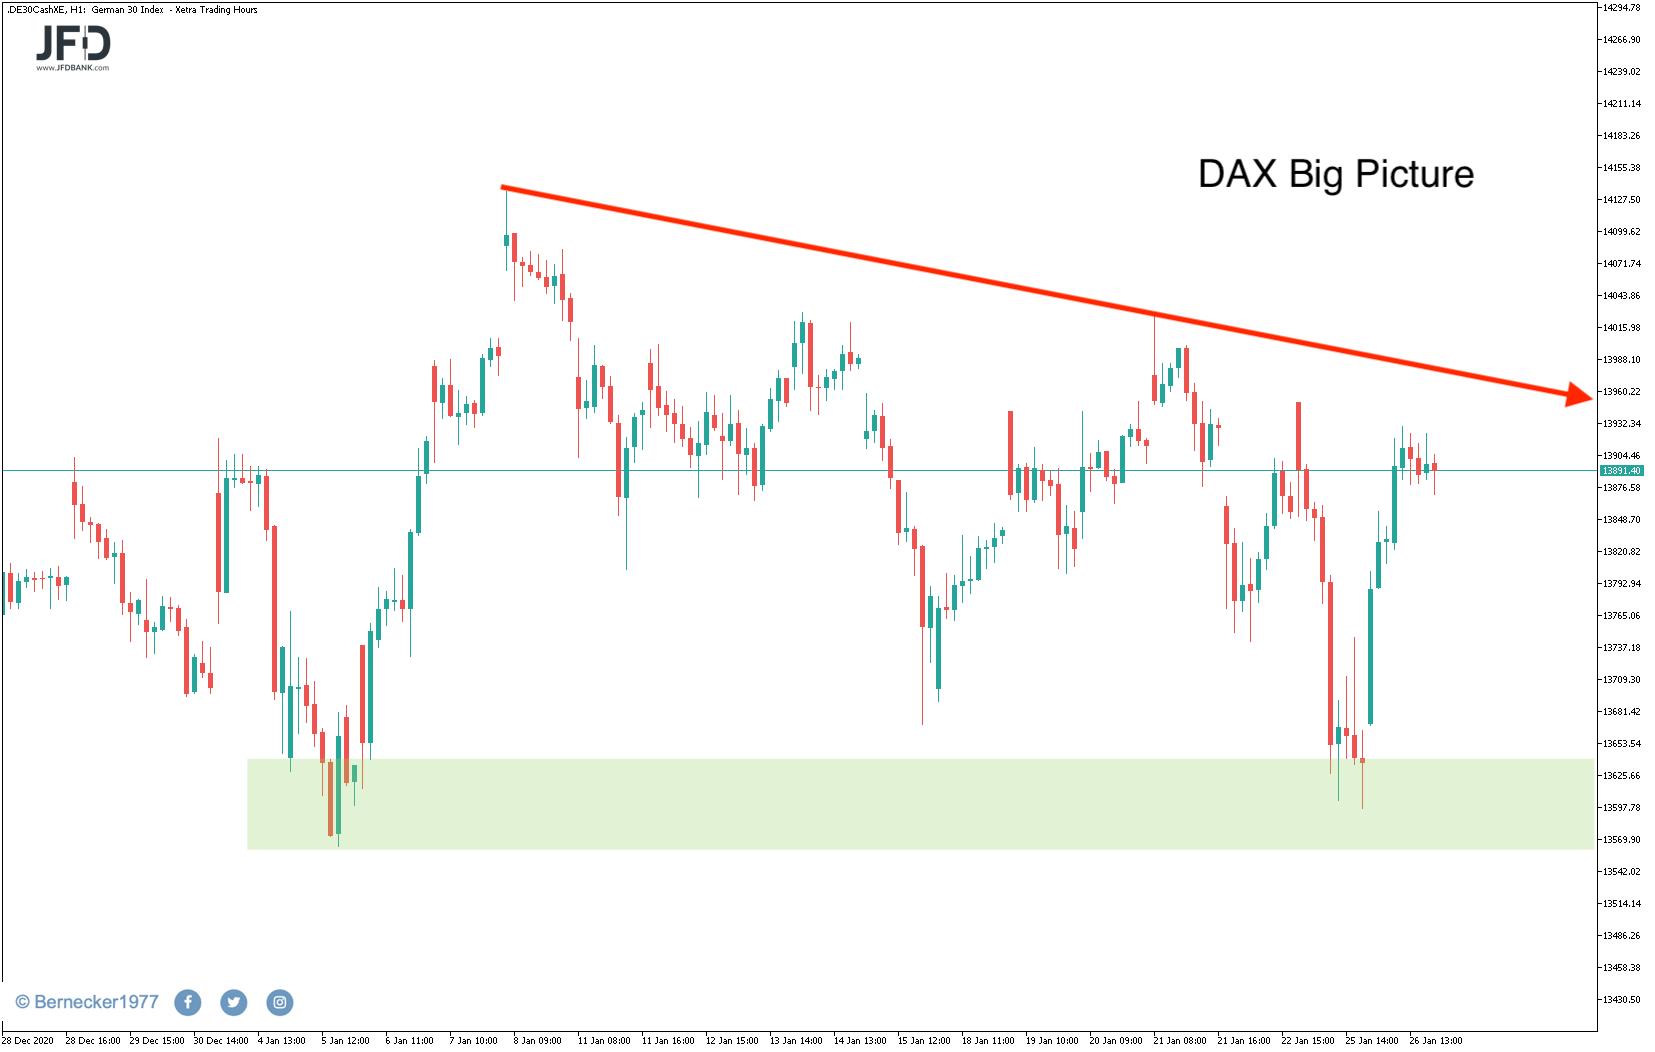 Rücklauf-im-DAX-zum-Wochenstart-Warten-auf-FED-Sitzung-Kommentar-JFD-Bank-GodmodeTrader.de-6